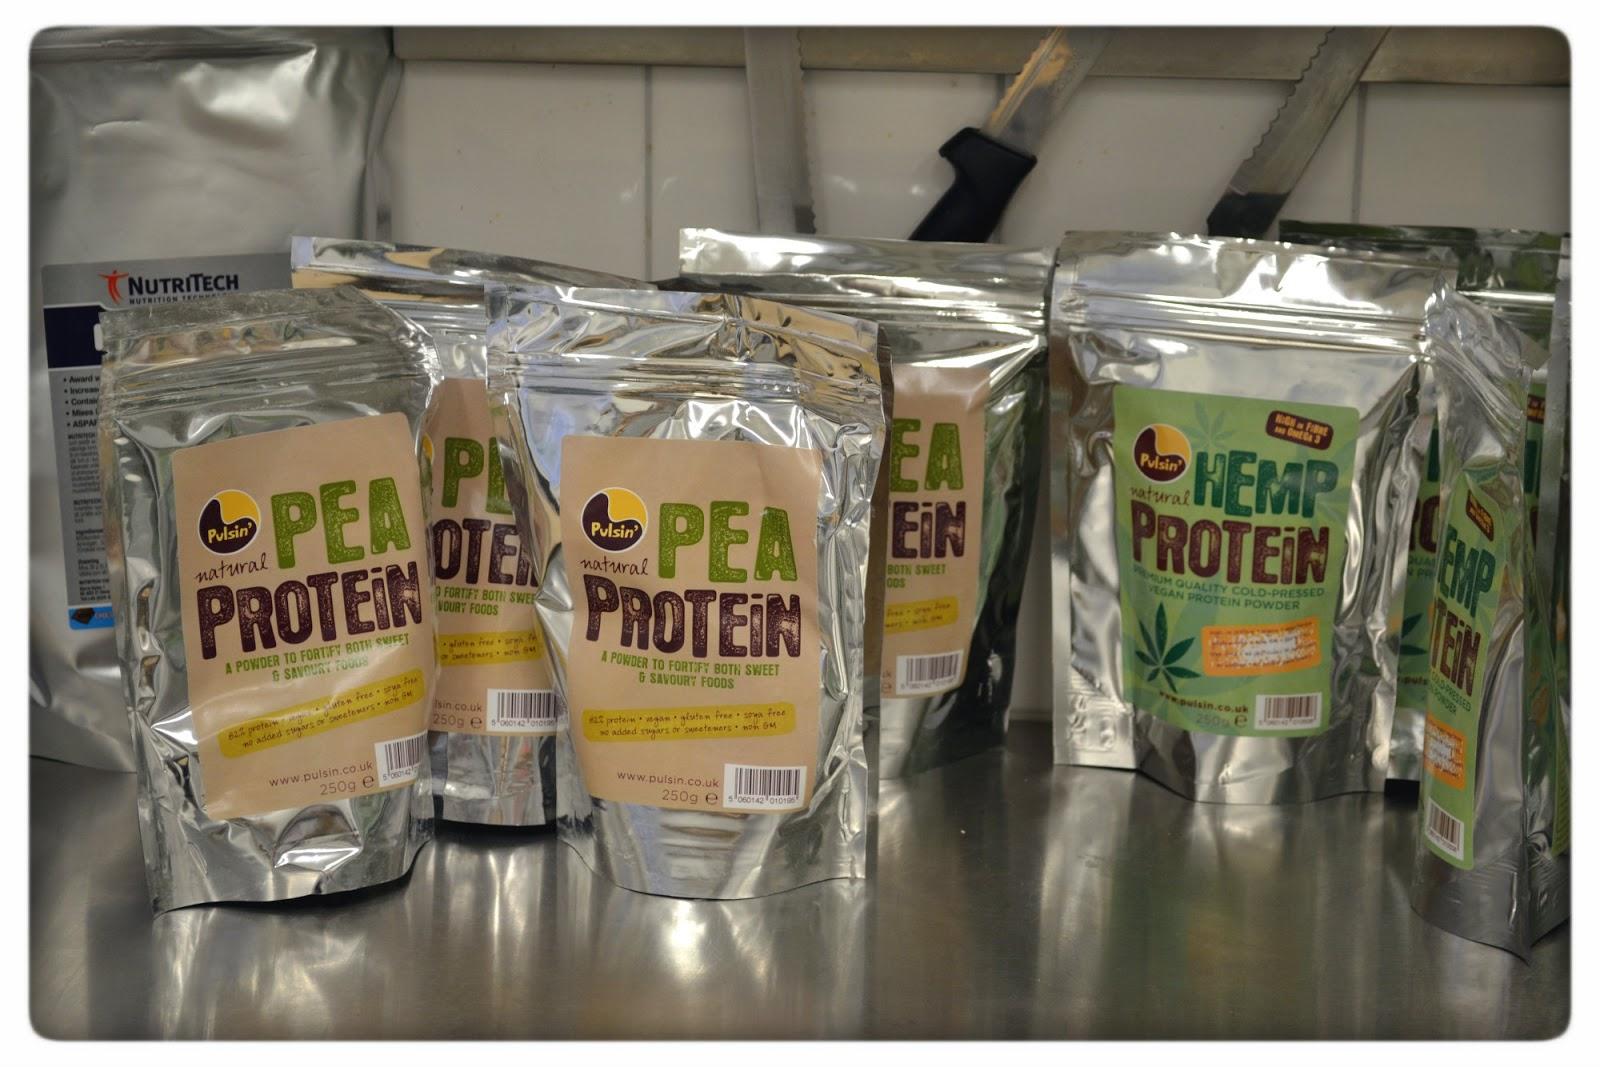 tjock av proteinpulver